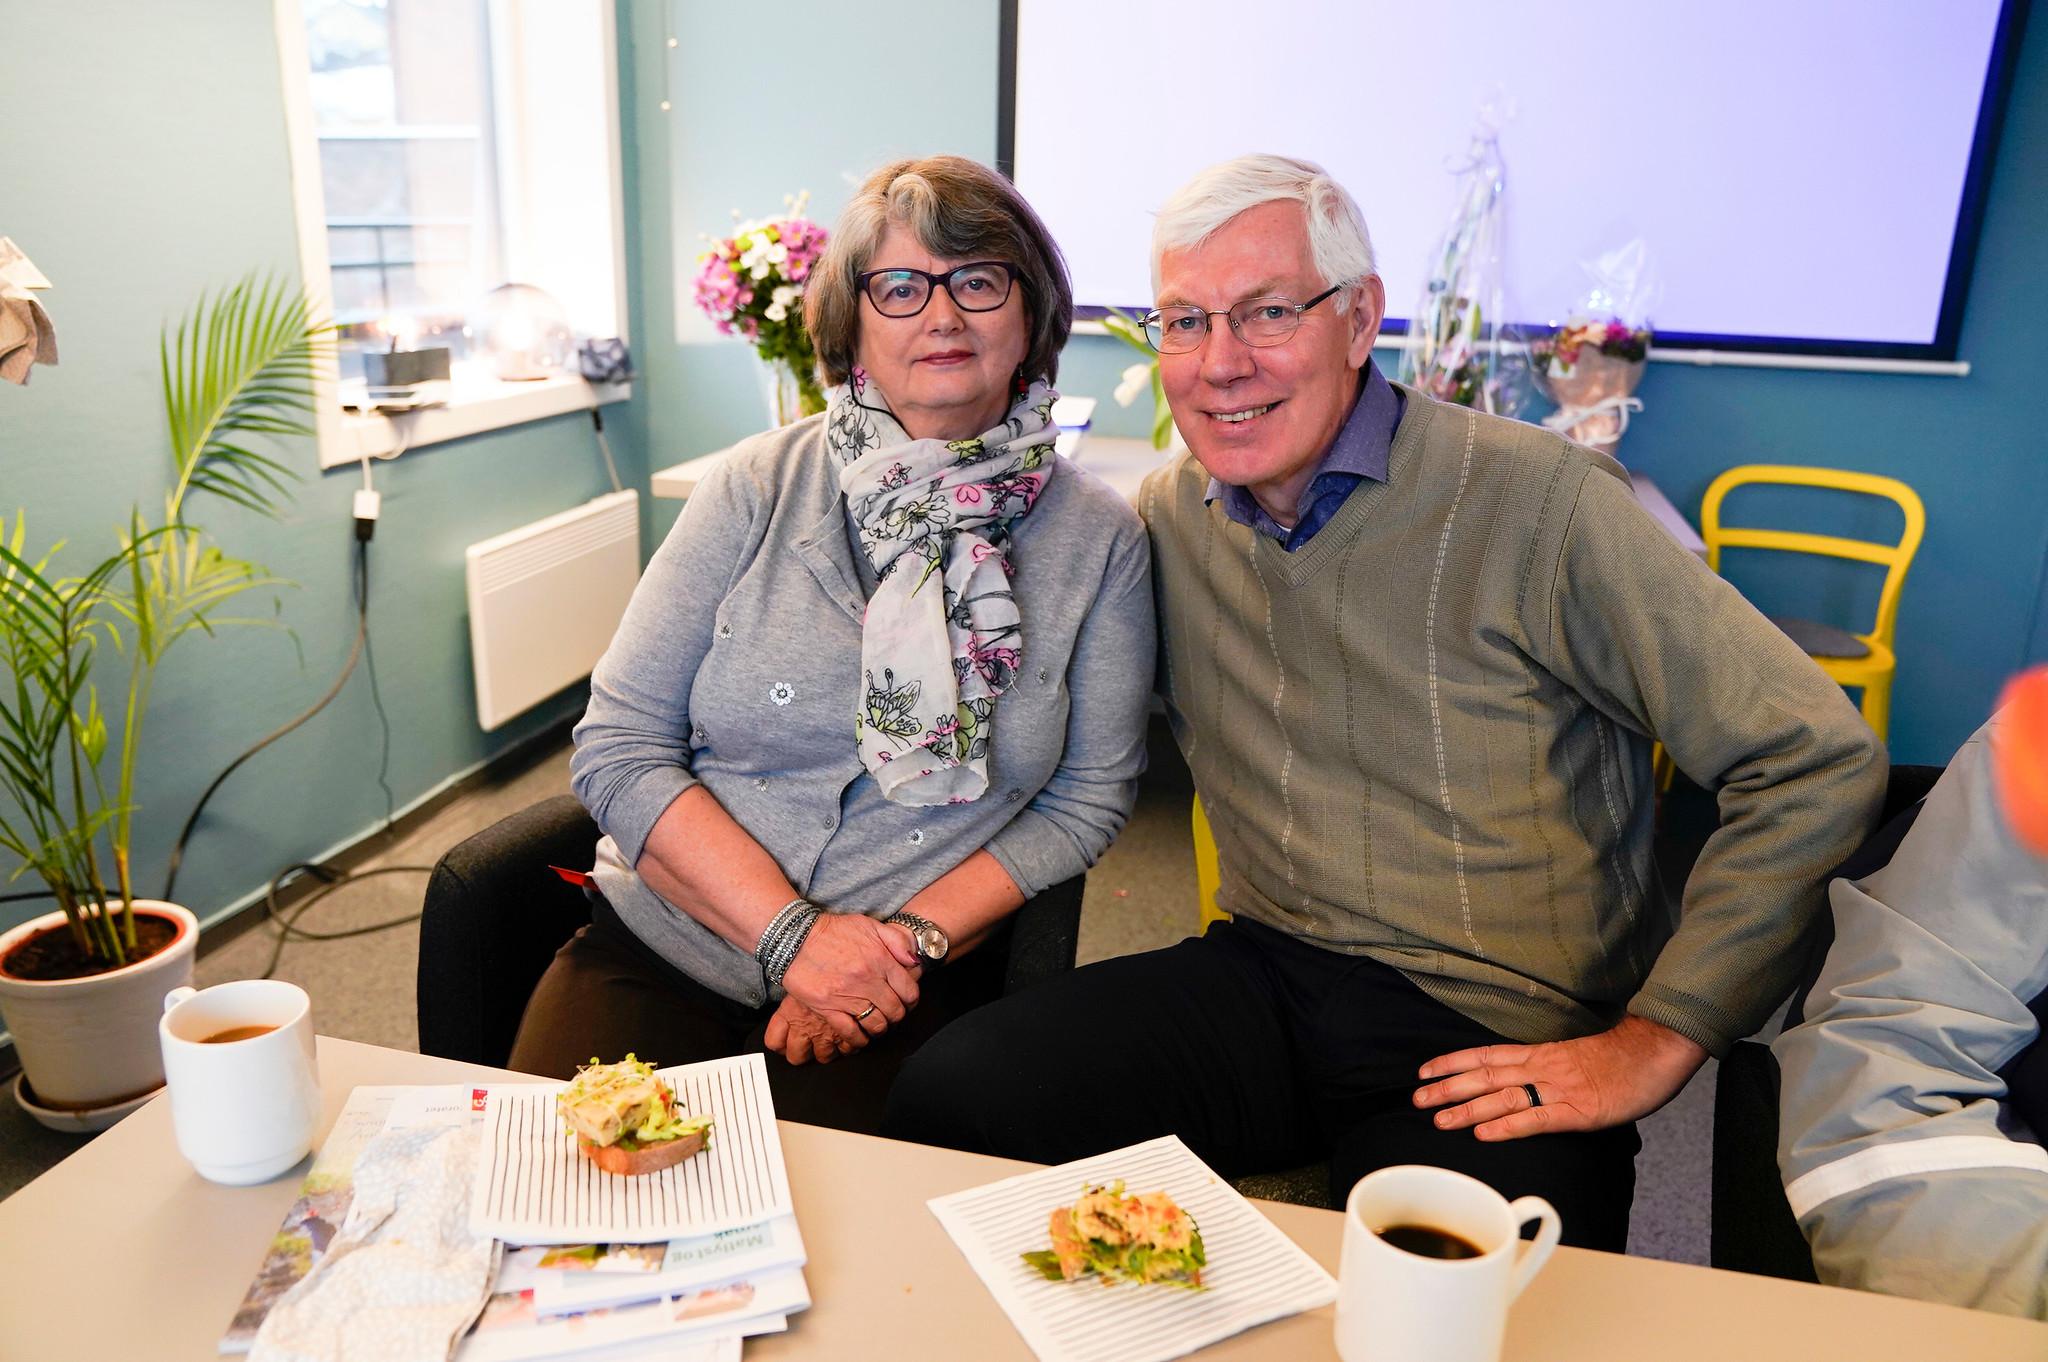 Bjørn Aasheim og kona Eva under åpningen av Løkka+ på grunerløkka, et tilbud drevet av Kirkens Bymisjon.